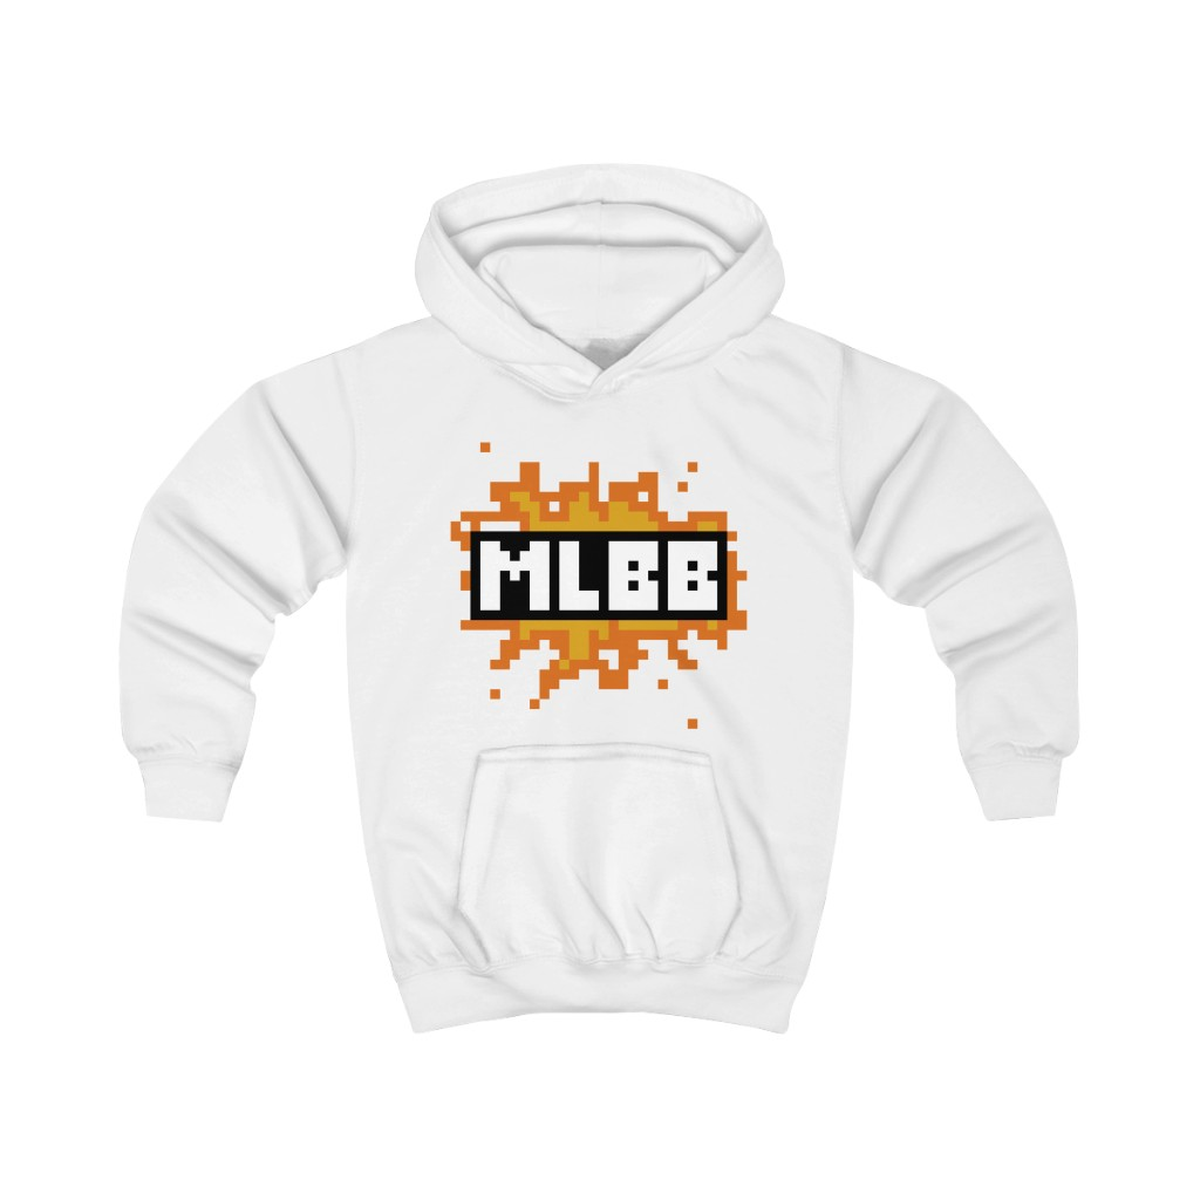 KIDS MLBB Pixel Hoodie